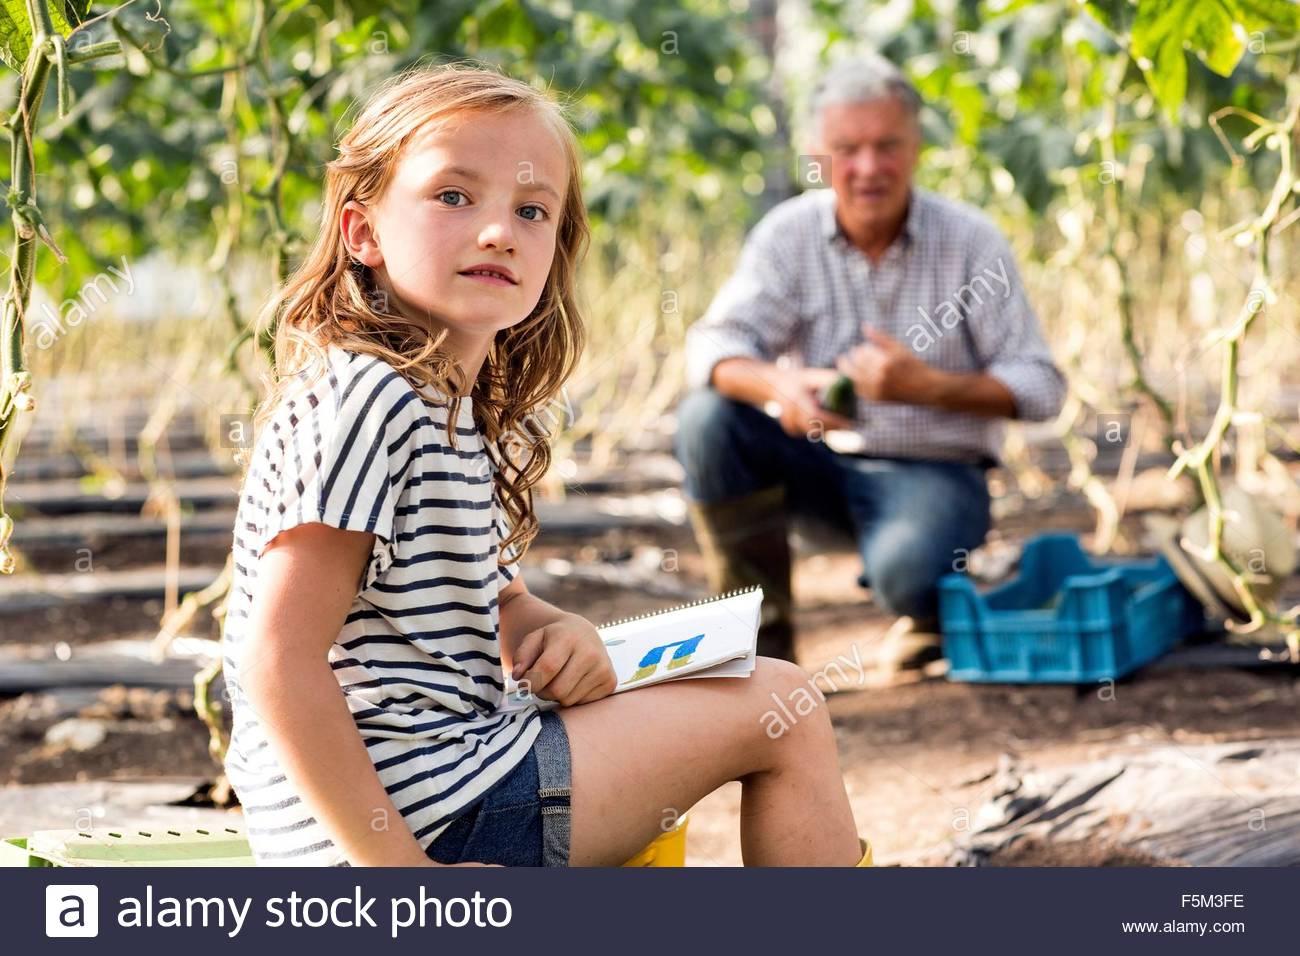 Ragazza seduta disegno mentre nonno funziona guardando la fotocamera Immagini Stock